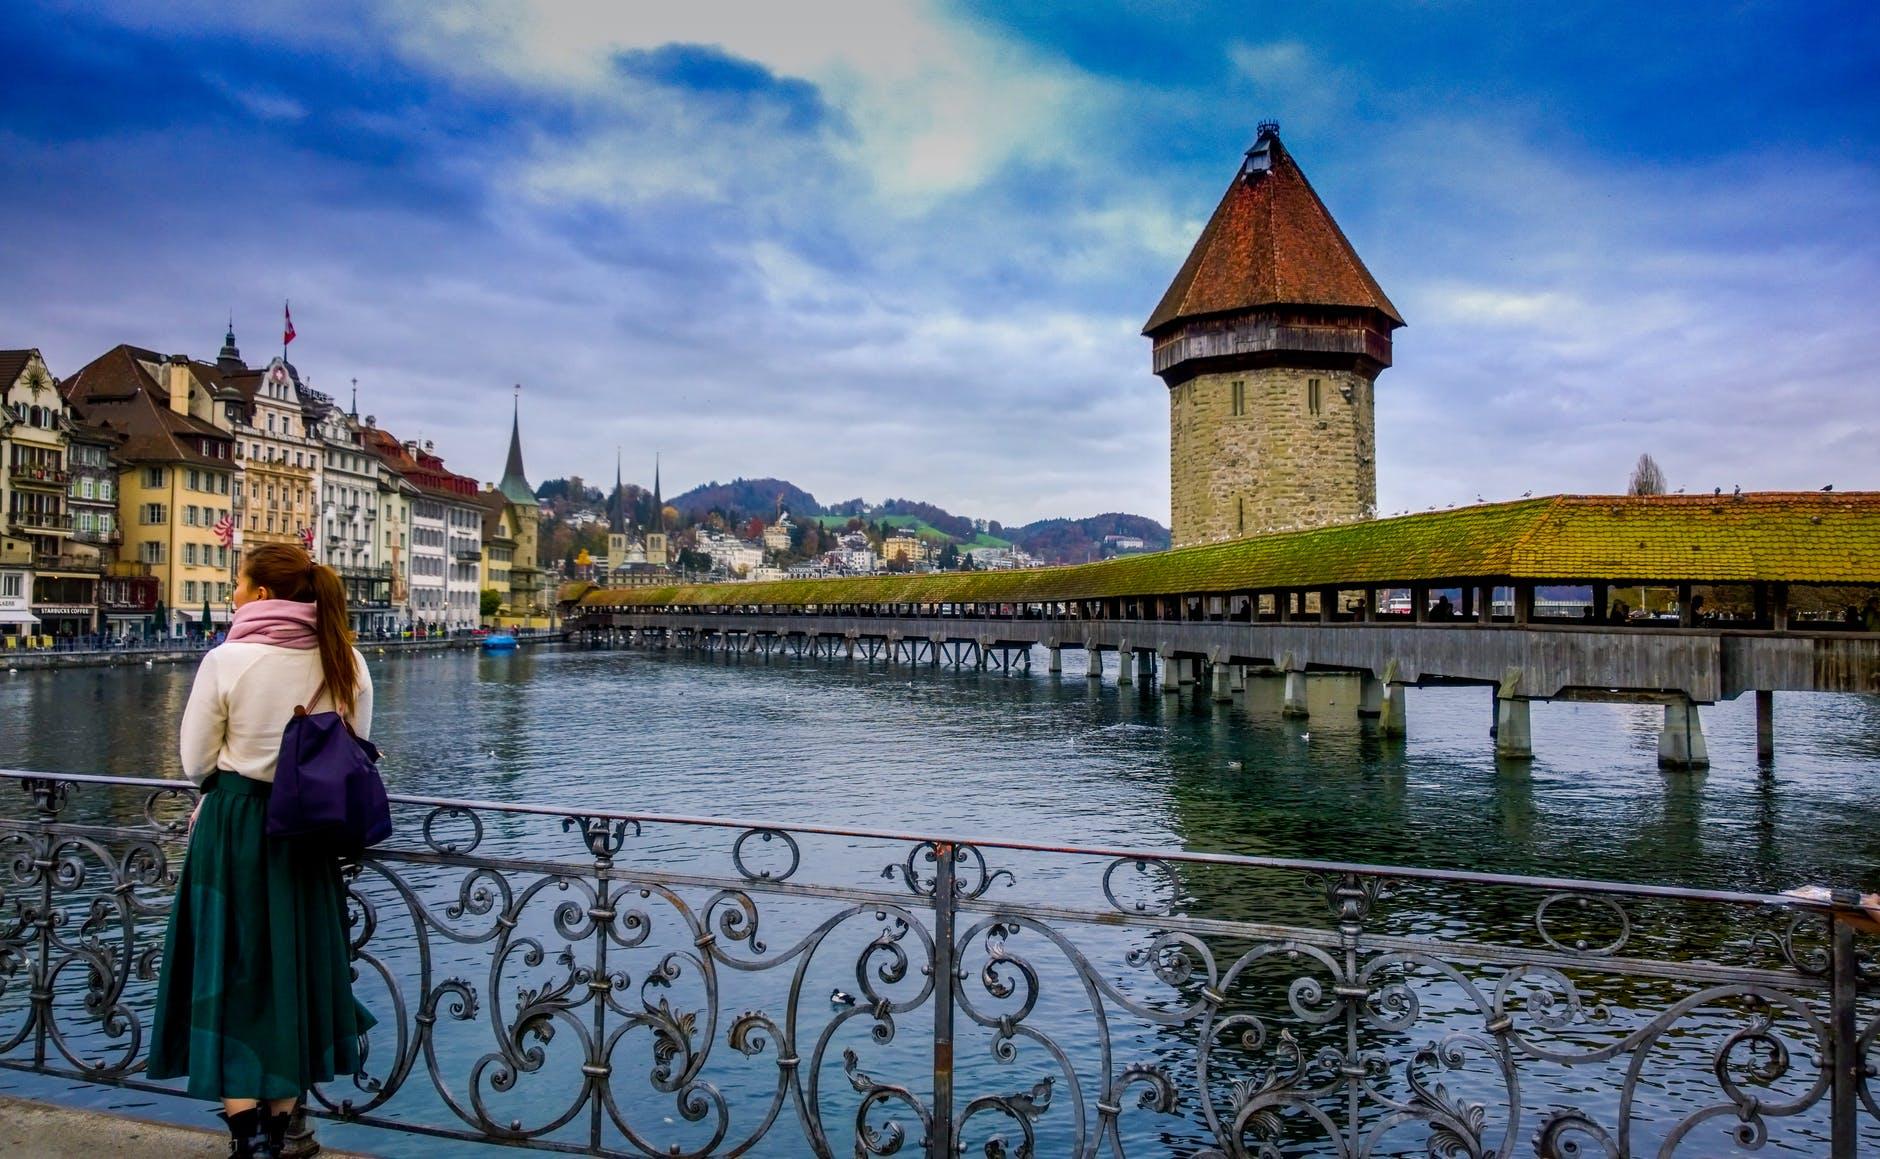 صورة سويسرا تقع وسط أوروبا لكنها خارجها.. تعرف على أبرز أغنى دول العالم